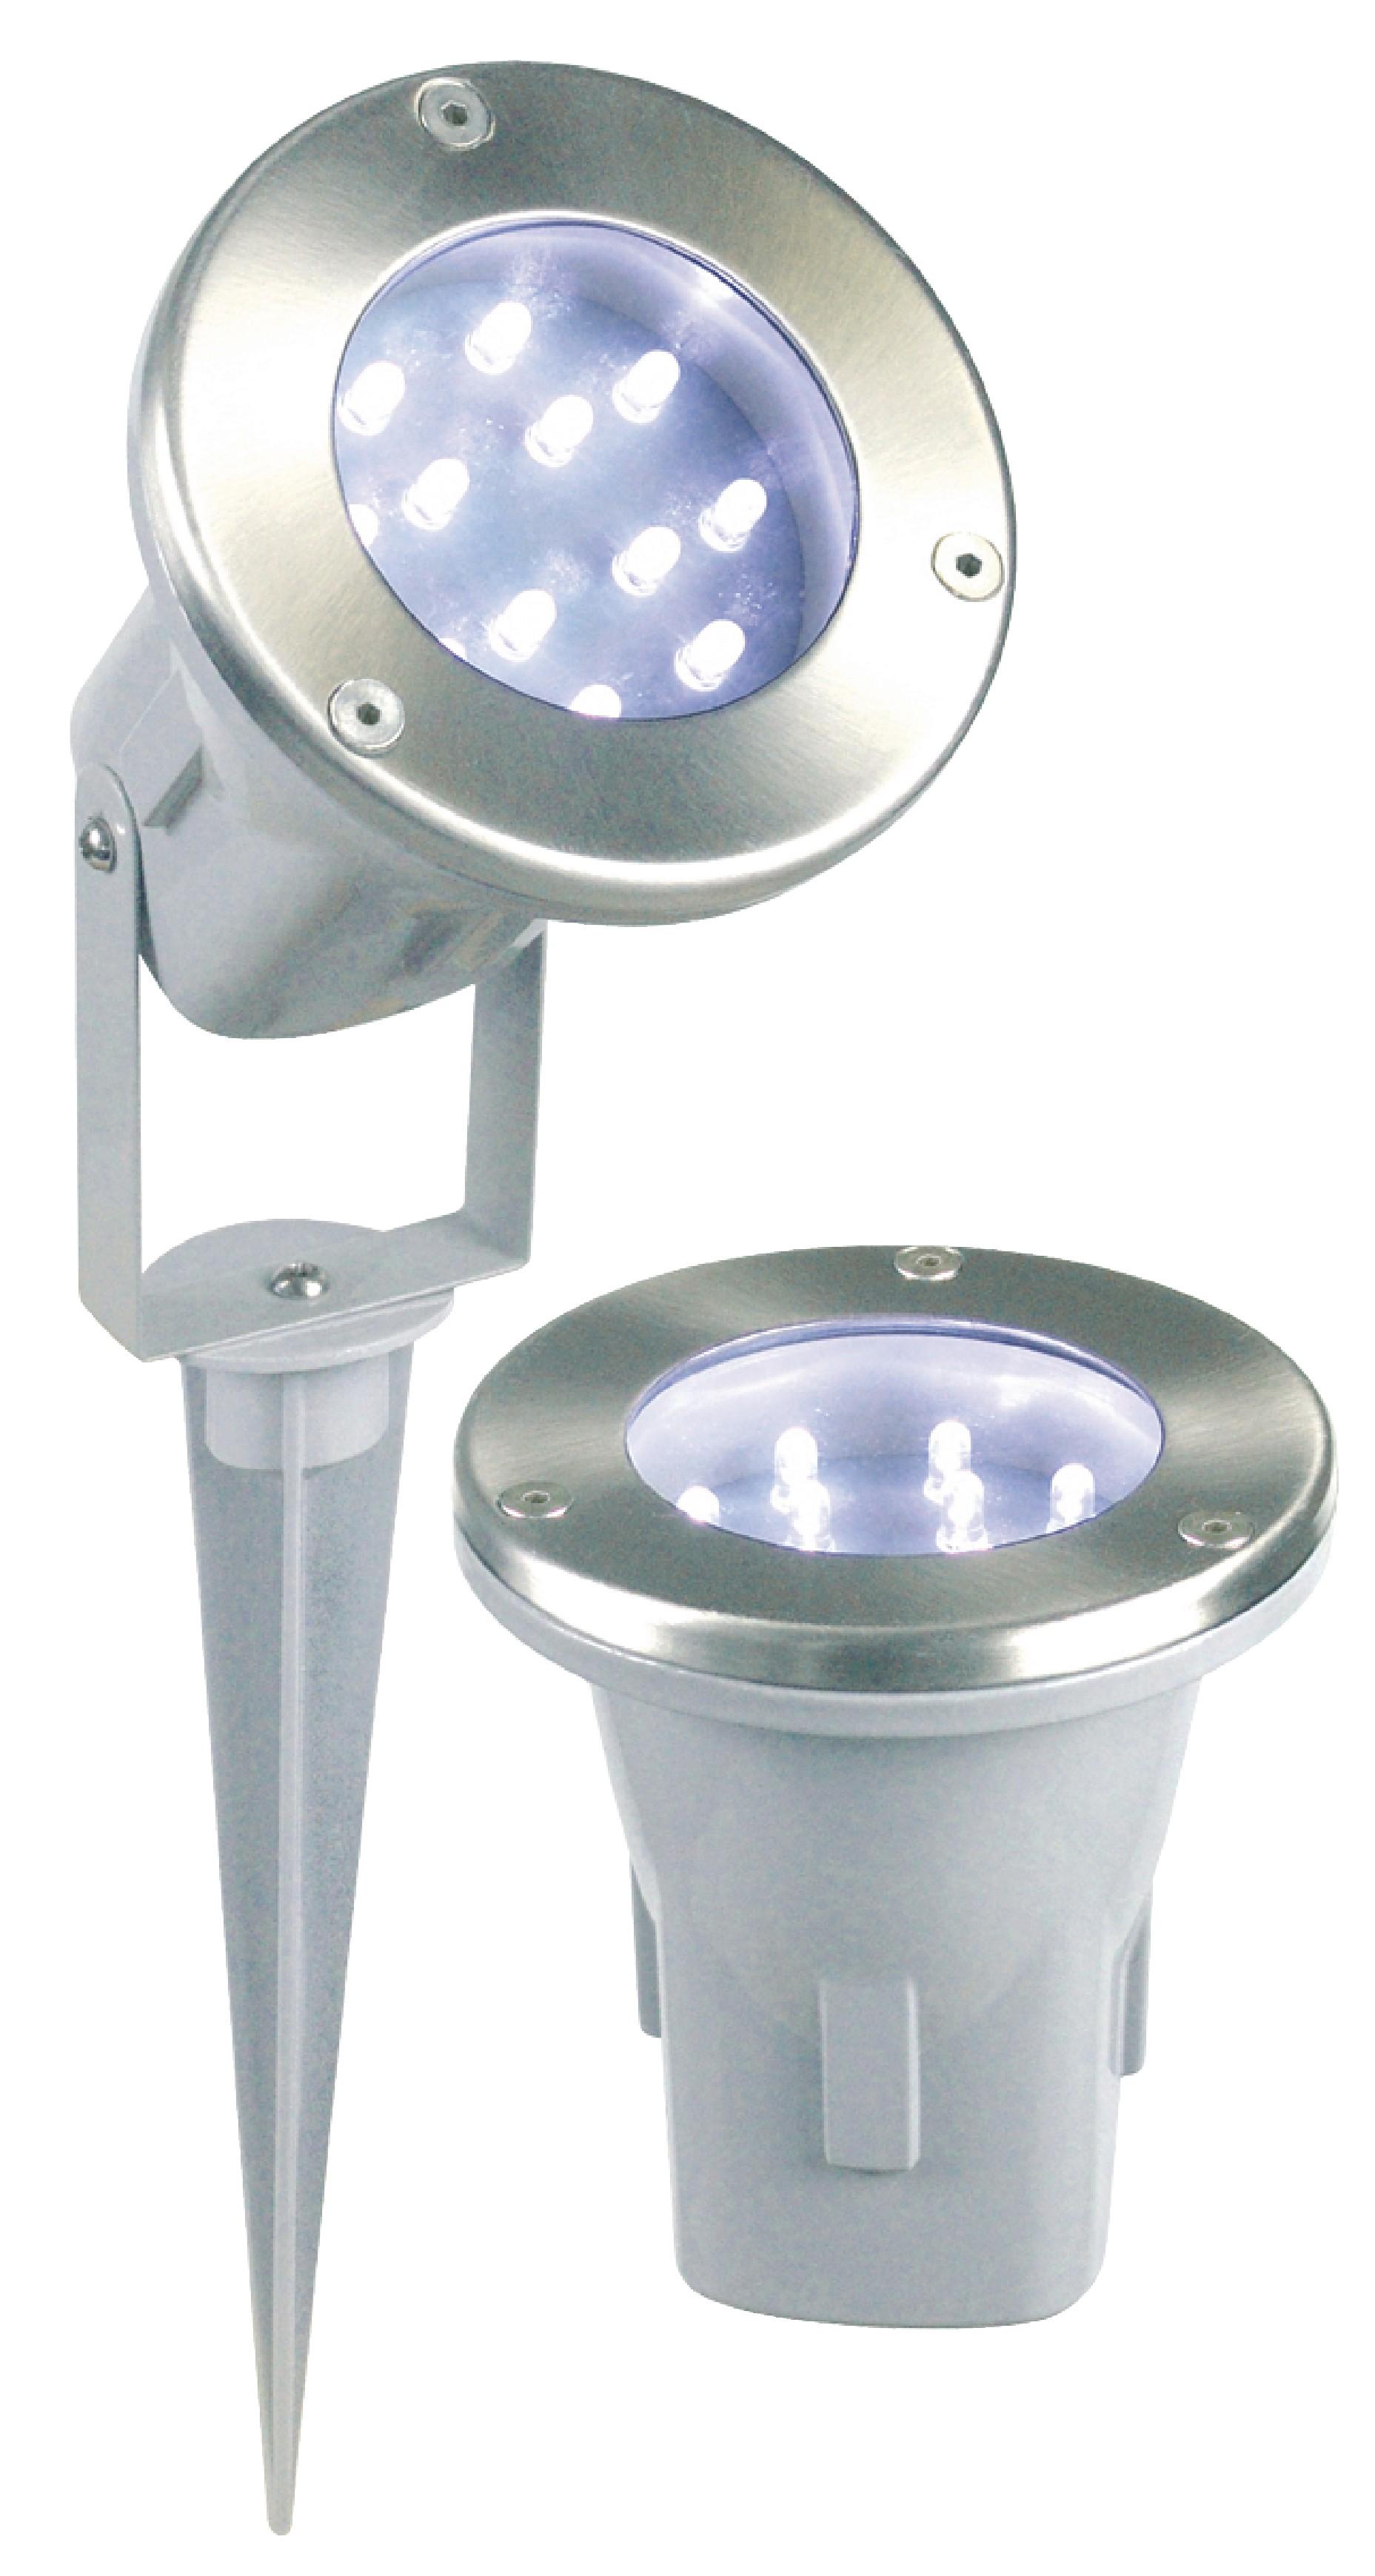 Venkovní LED reflektor spot 3ks s napájecím adaptérem Ranex Todi RA-5000158